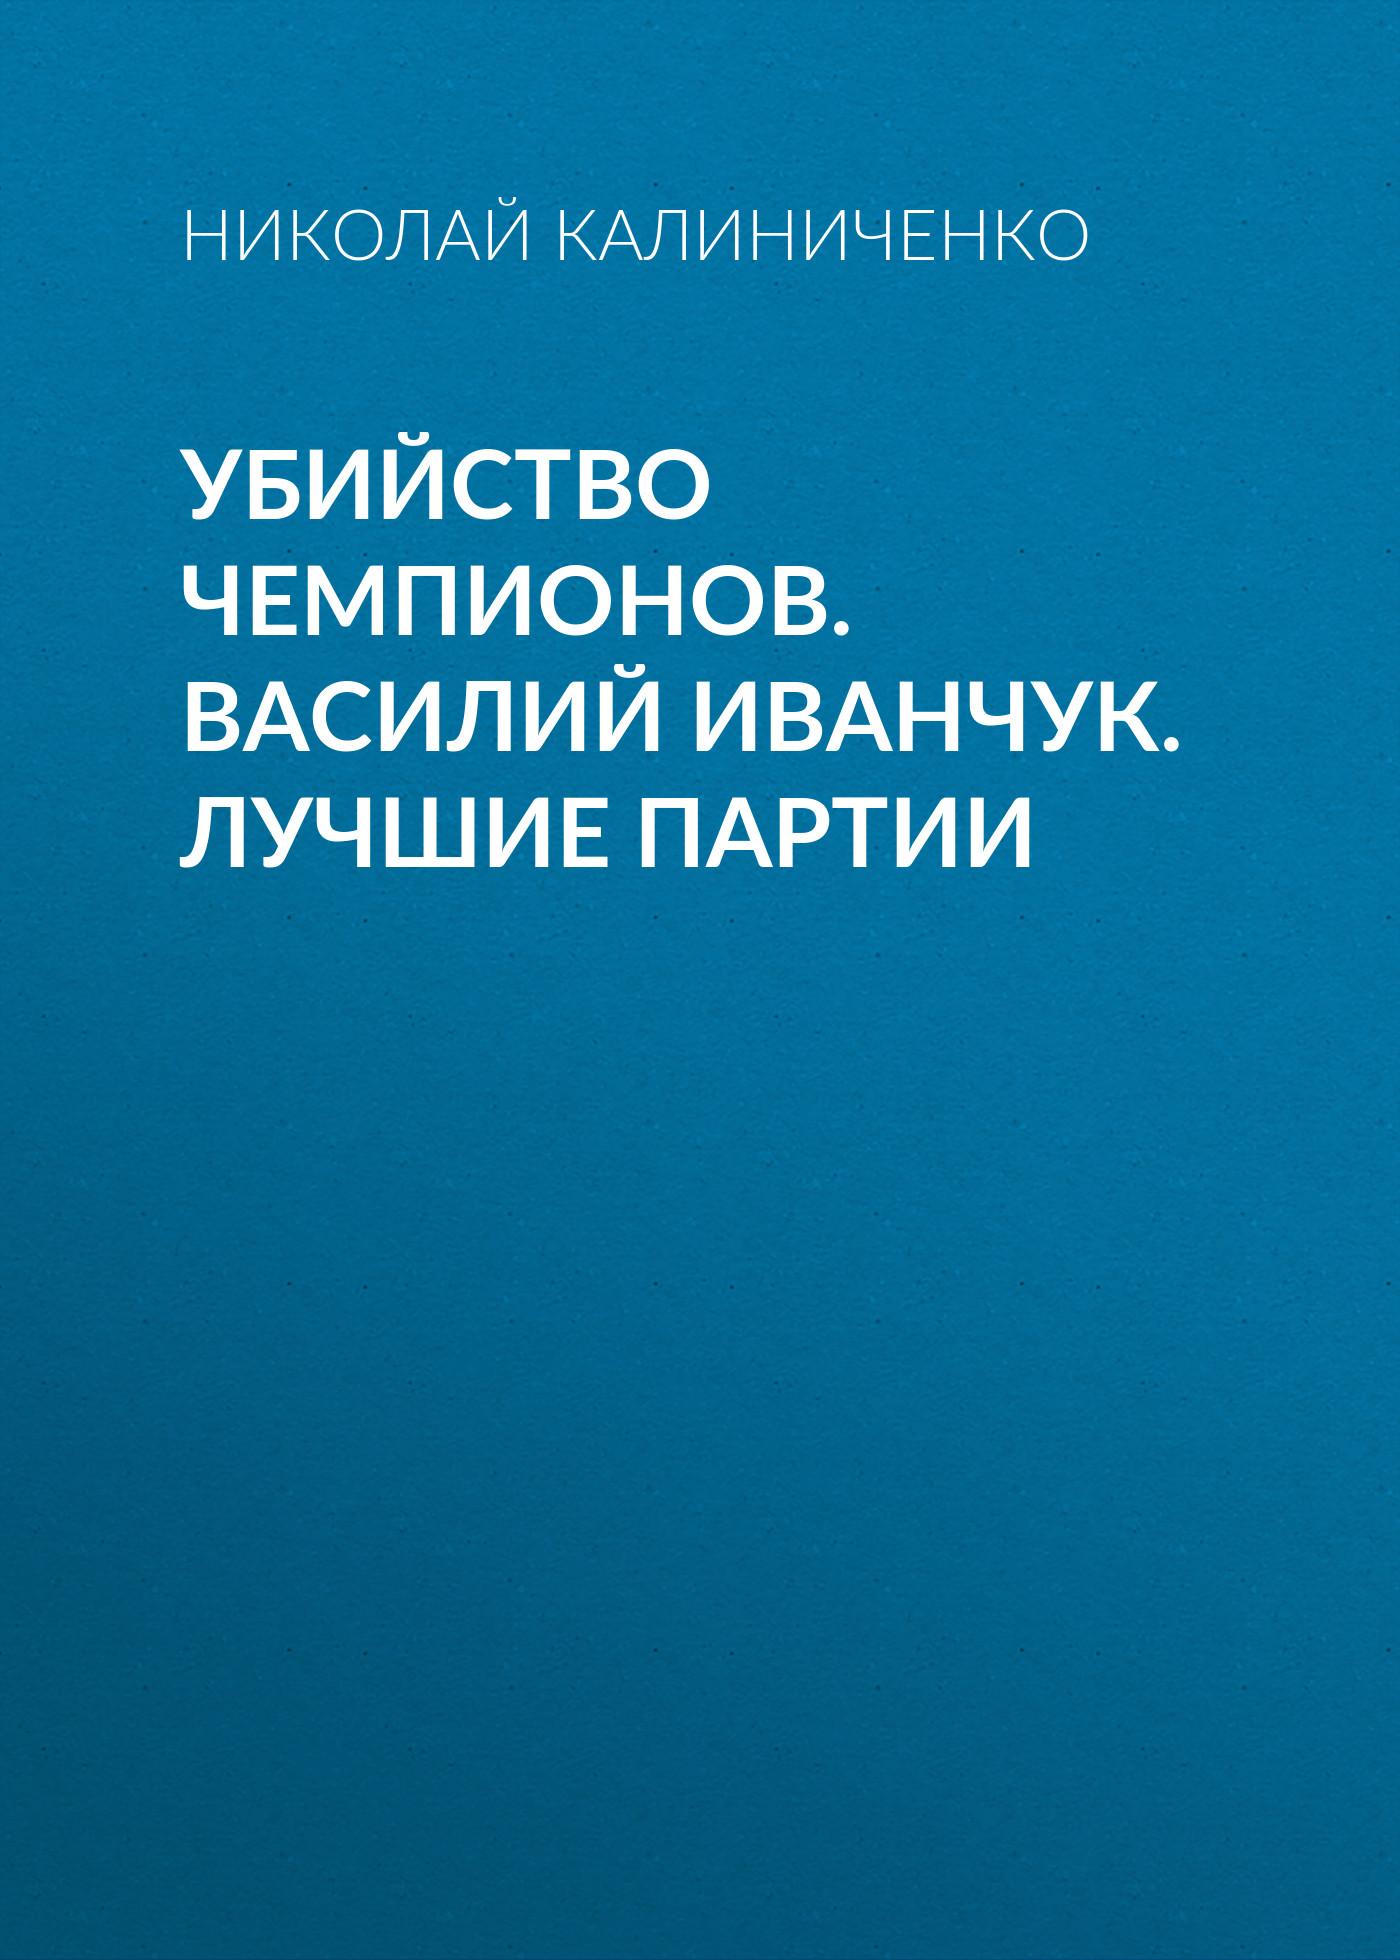 Убийство чемпионов. Василий Иванчук. Лучшие партии